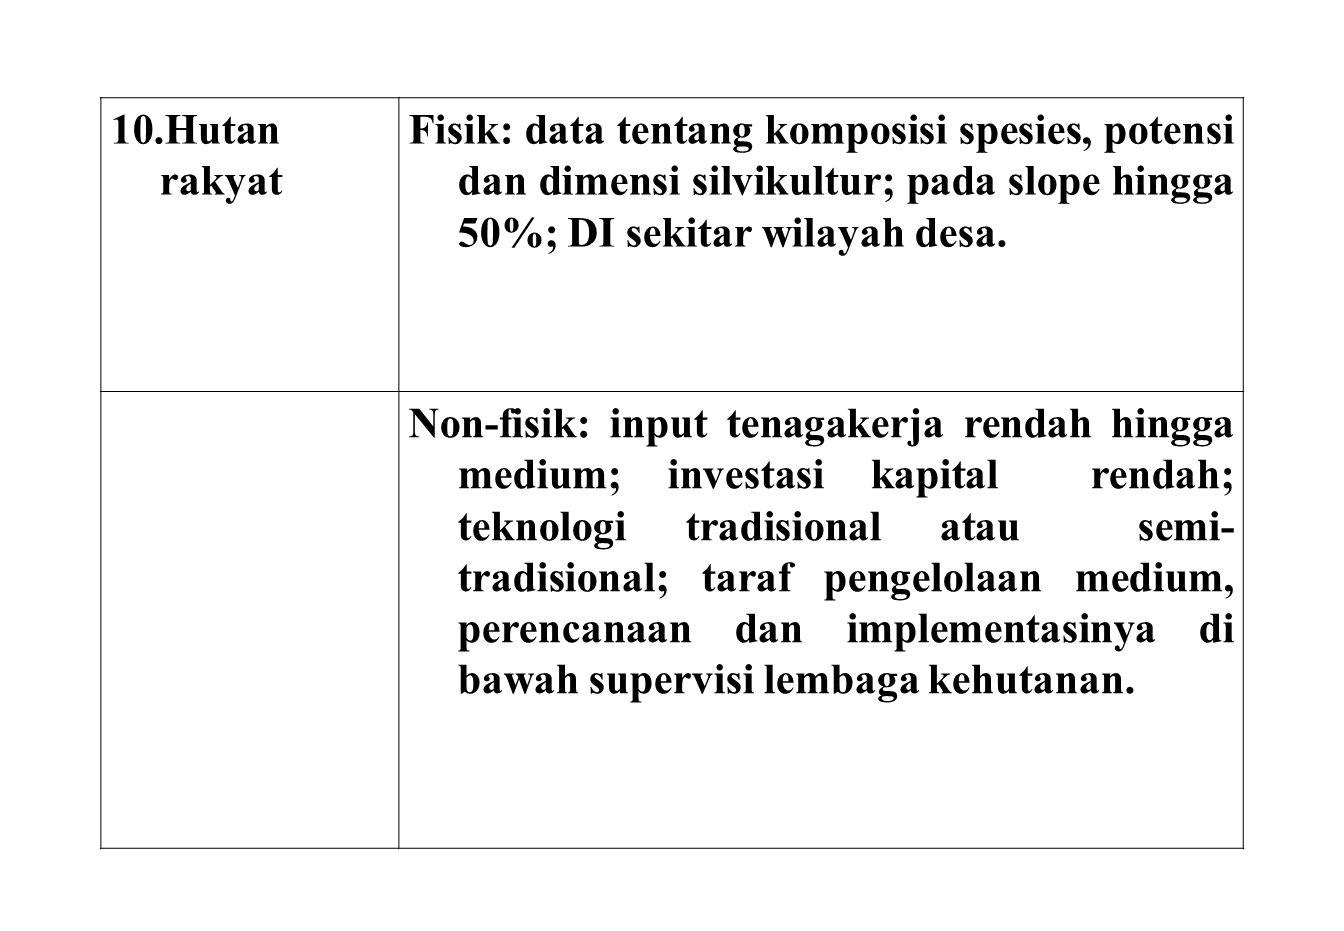 10.Hutan rakyat Fisik: data tentang komposisi spesies, potensi dan dimensi silvikultur; pada slope hingga 50%; DI sekitar wilayah desa.